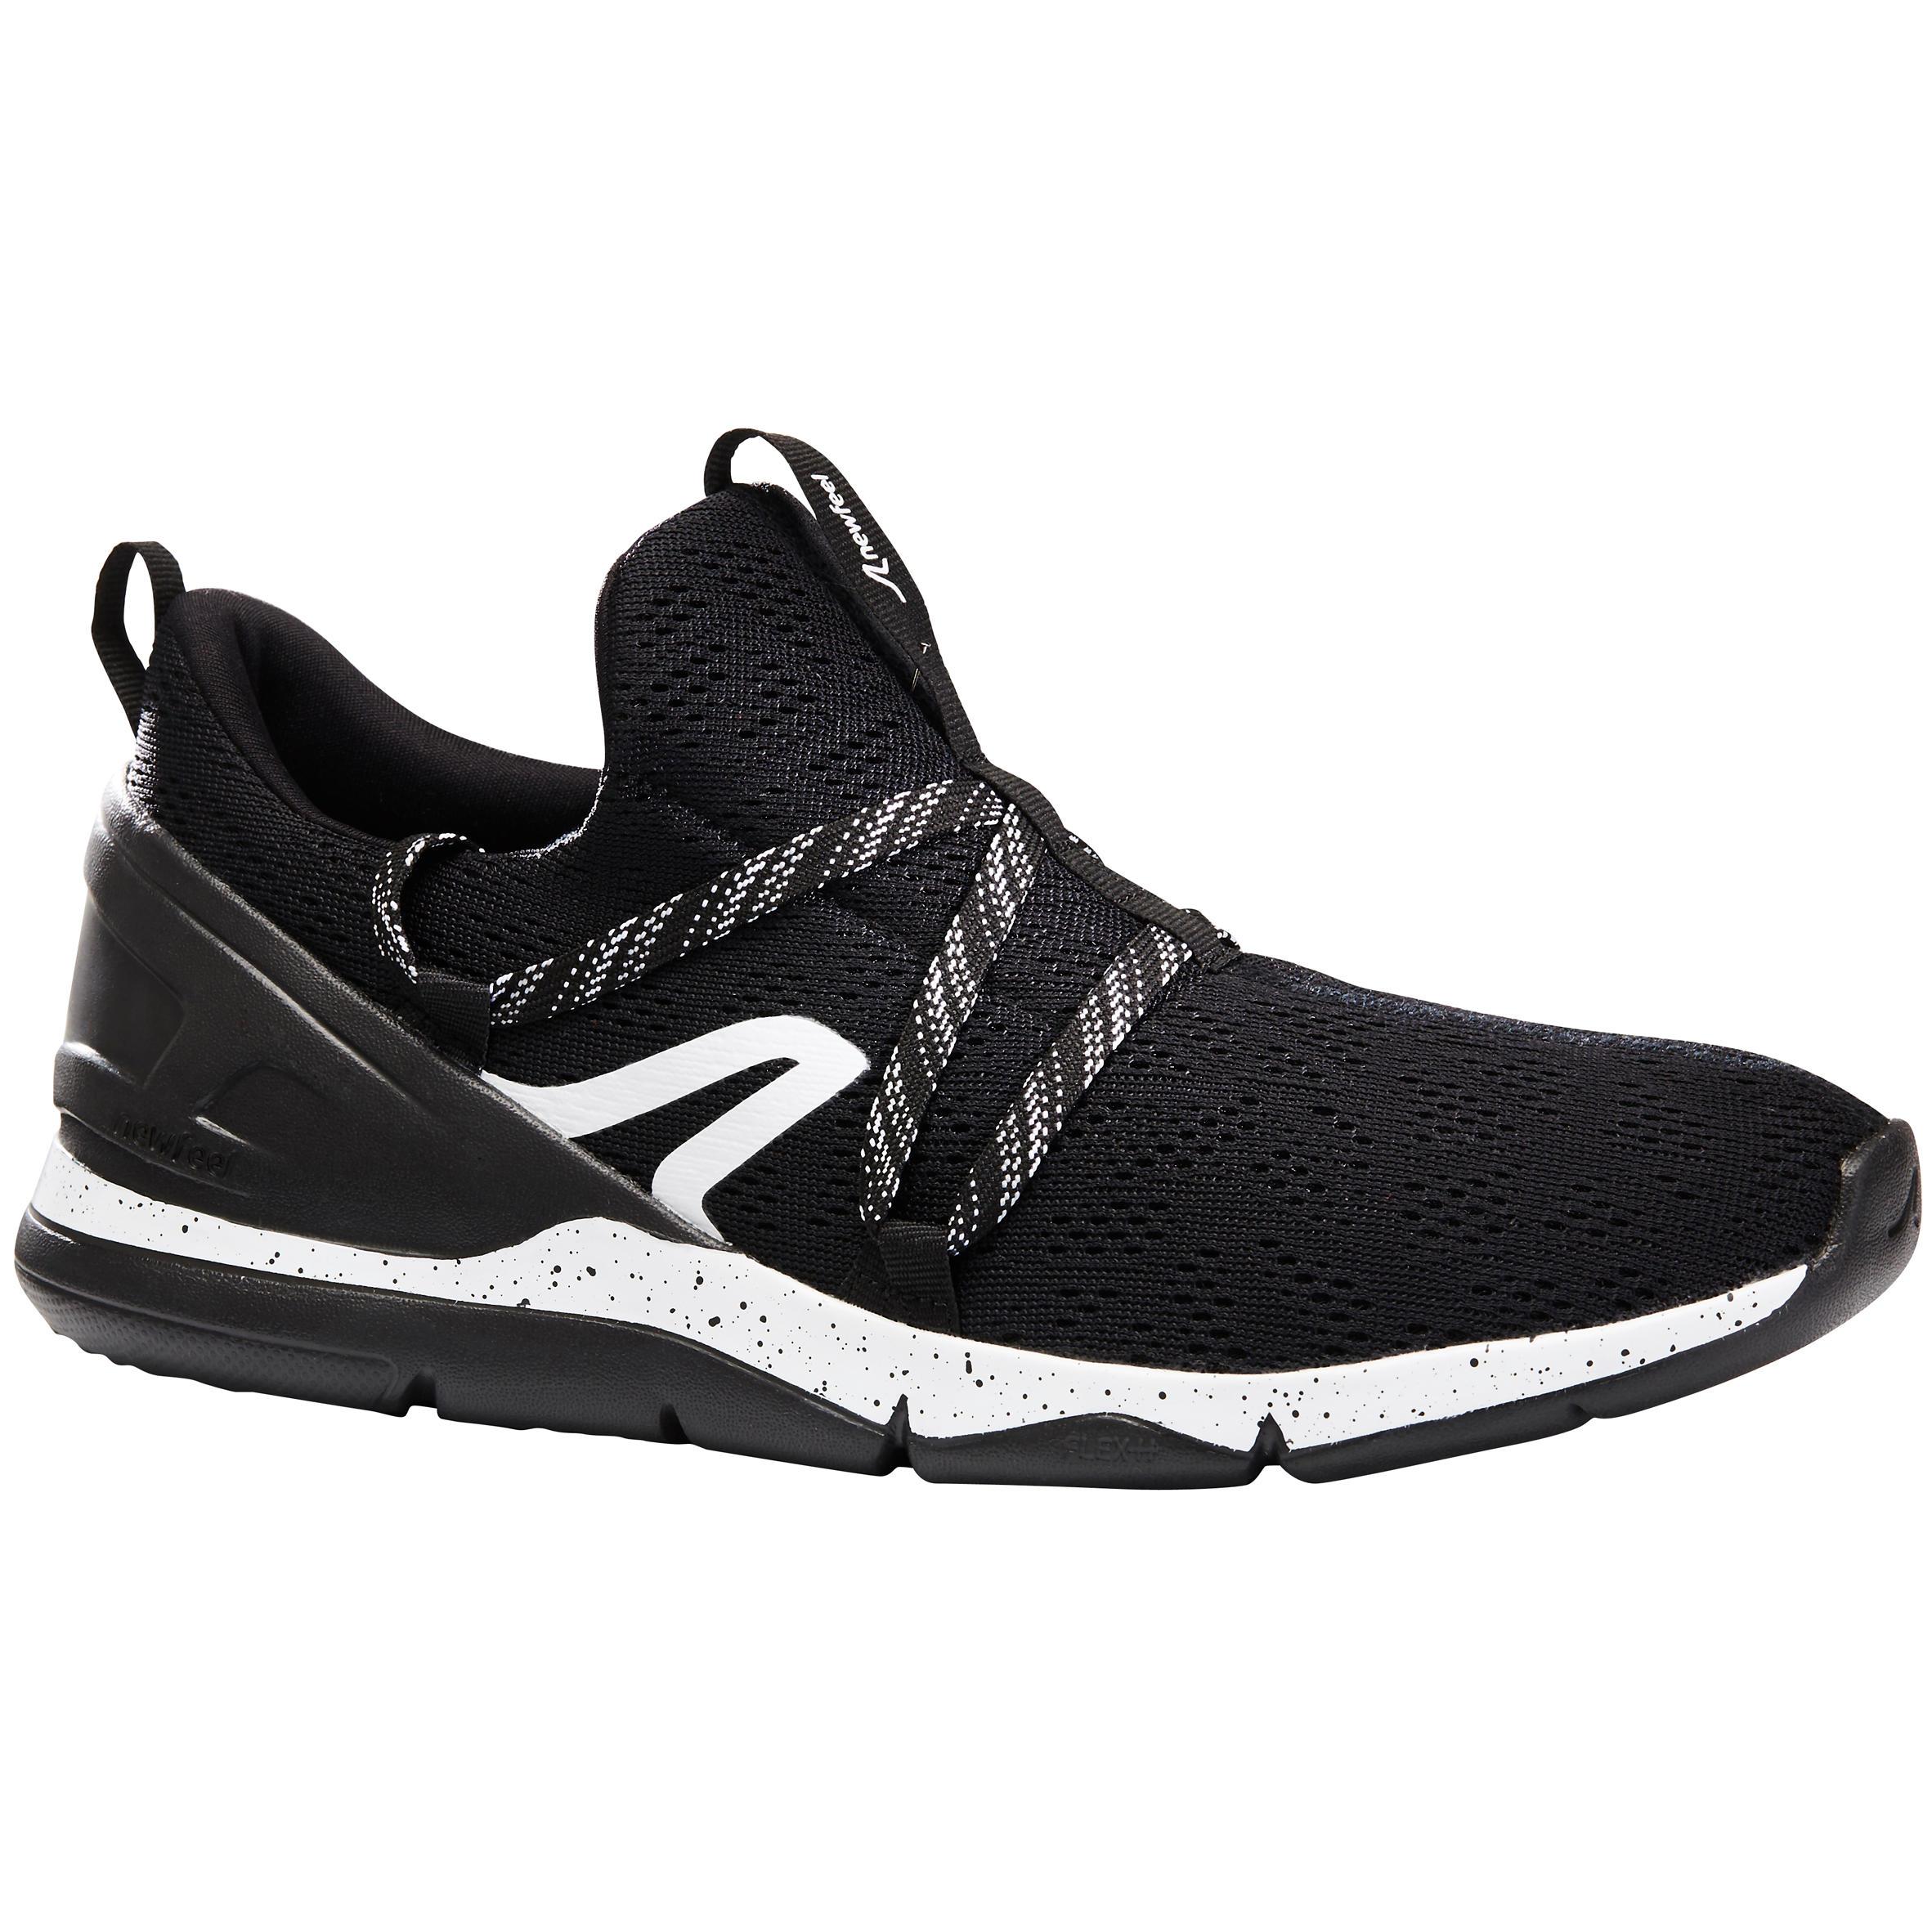 Newfeel Damessneakers voor sportief wandelen PW 140